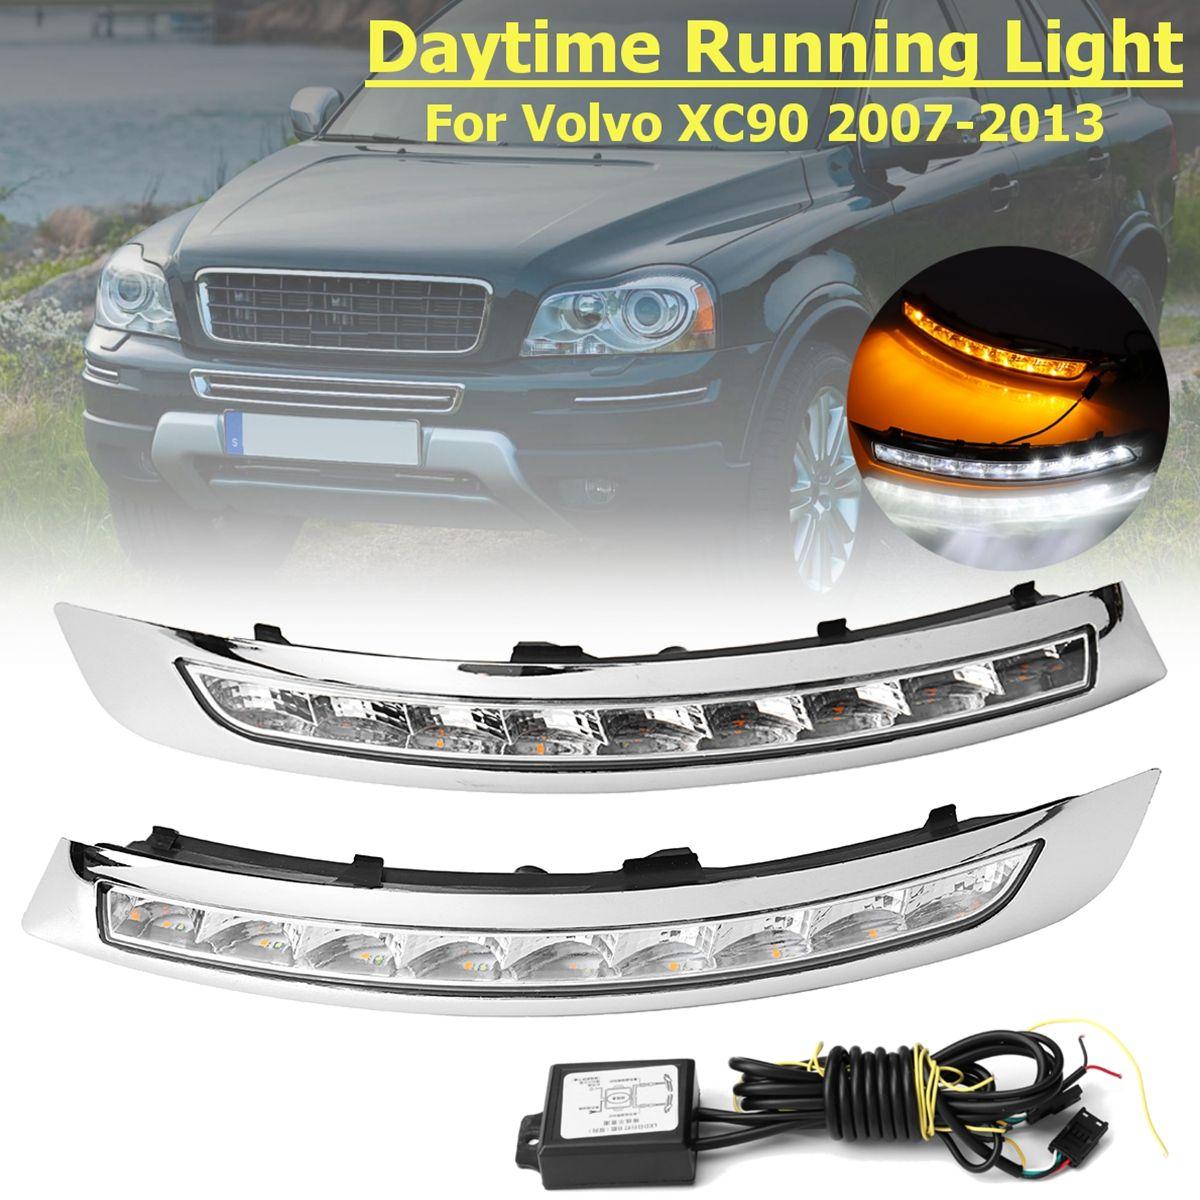 1 Pair LED DRL Daytime Running Lights Lamp Turning Signal fog lamp 12V 6000k Fog Lamp Frame Fog Light For Volvo XC90 2007~2013